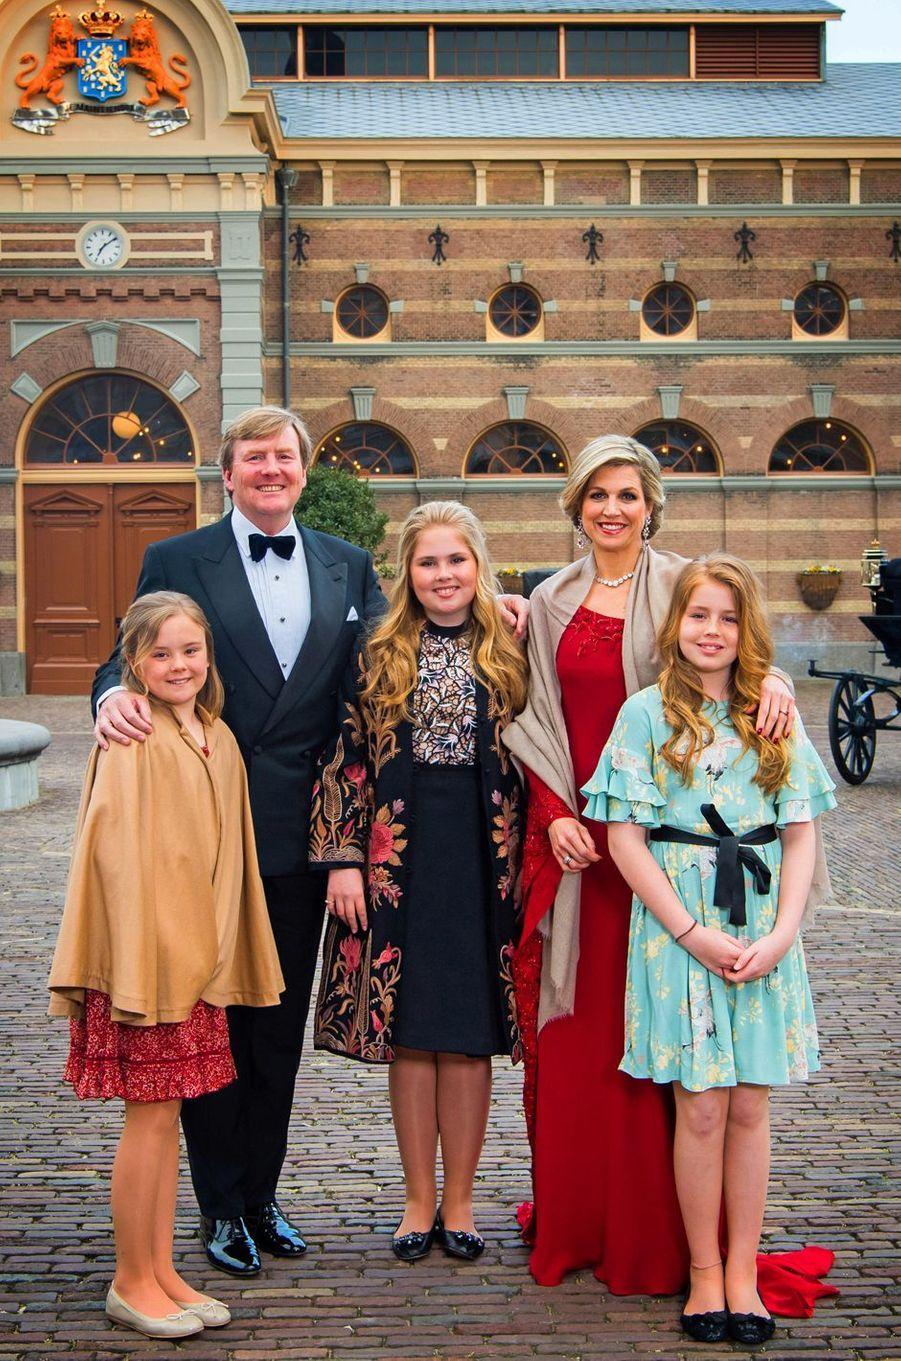 La reine Maxima, en rouge, et le roi Willem-Alexander des Pays-Bas et leurs filles à La Haye, le 29 avril 2017